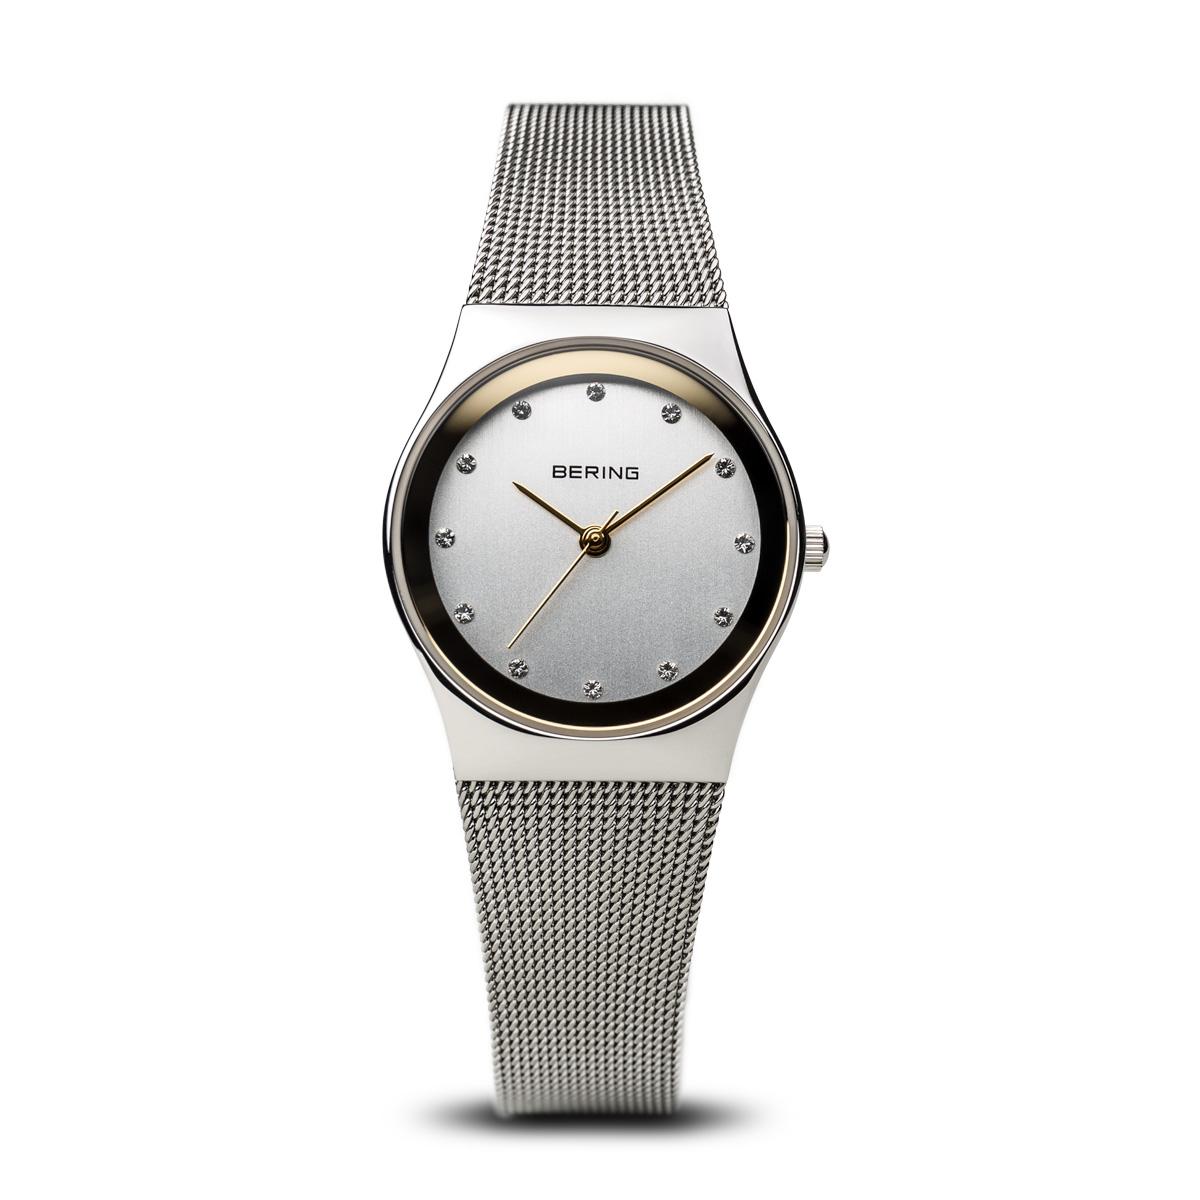 שעון ברינג דגם 12927-010 BERING